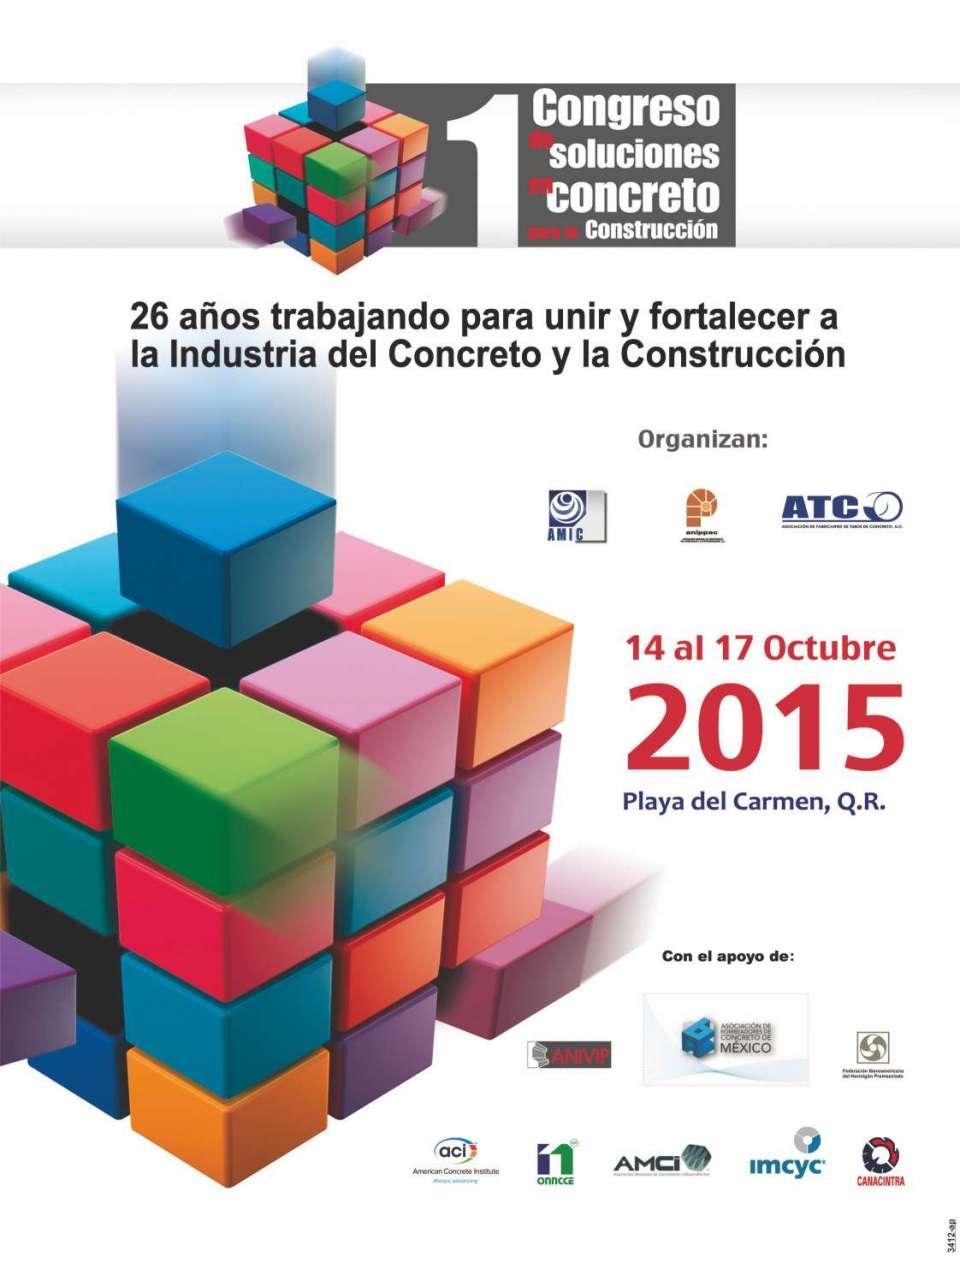 Primer Congreso de Soluciones en  Concreto para la Construcción.  Hotel Paradisus Playa del Carmen La  Perla del 14 al 17 de octubre de 2015  Expo AMIC